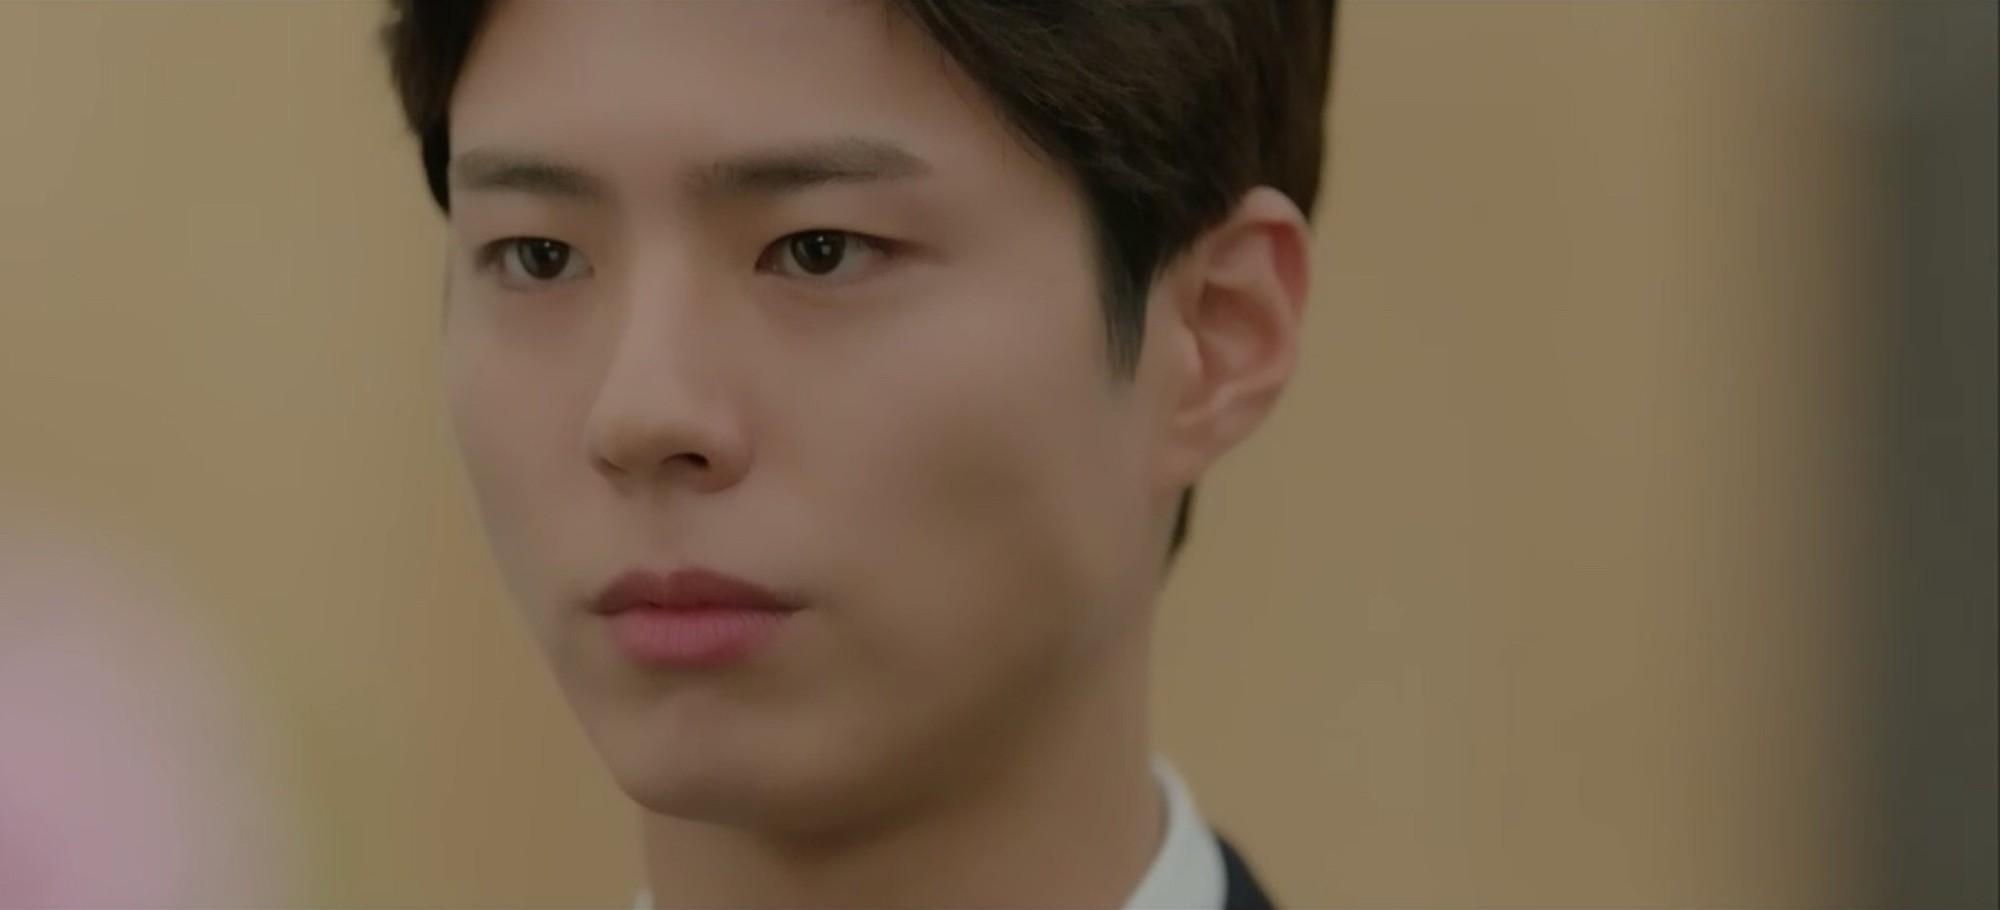 Nhờ chị sếp Song Hye Kyo trả thính liên tục, rating Encounter lại tăng nhẹ - Ảnh 6.